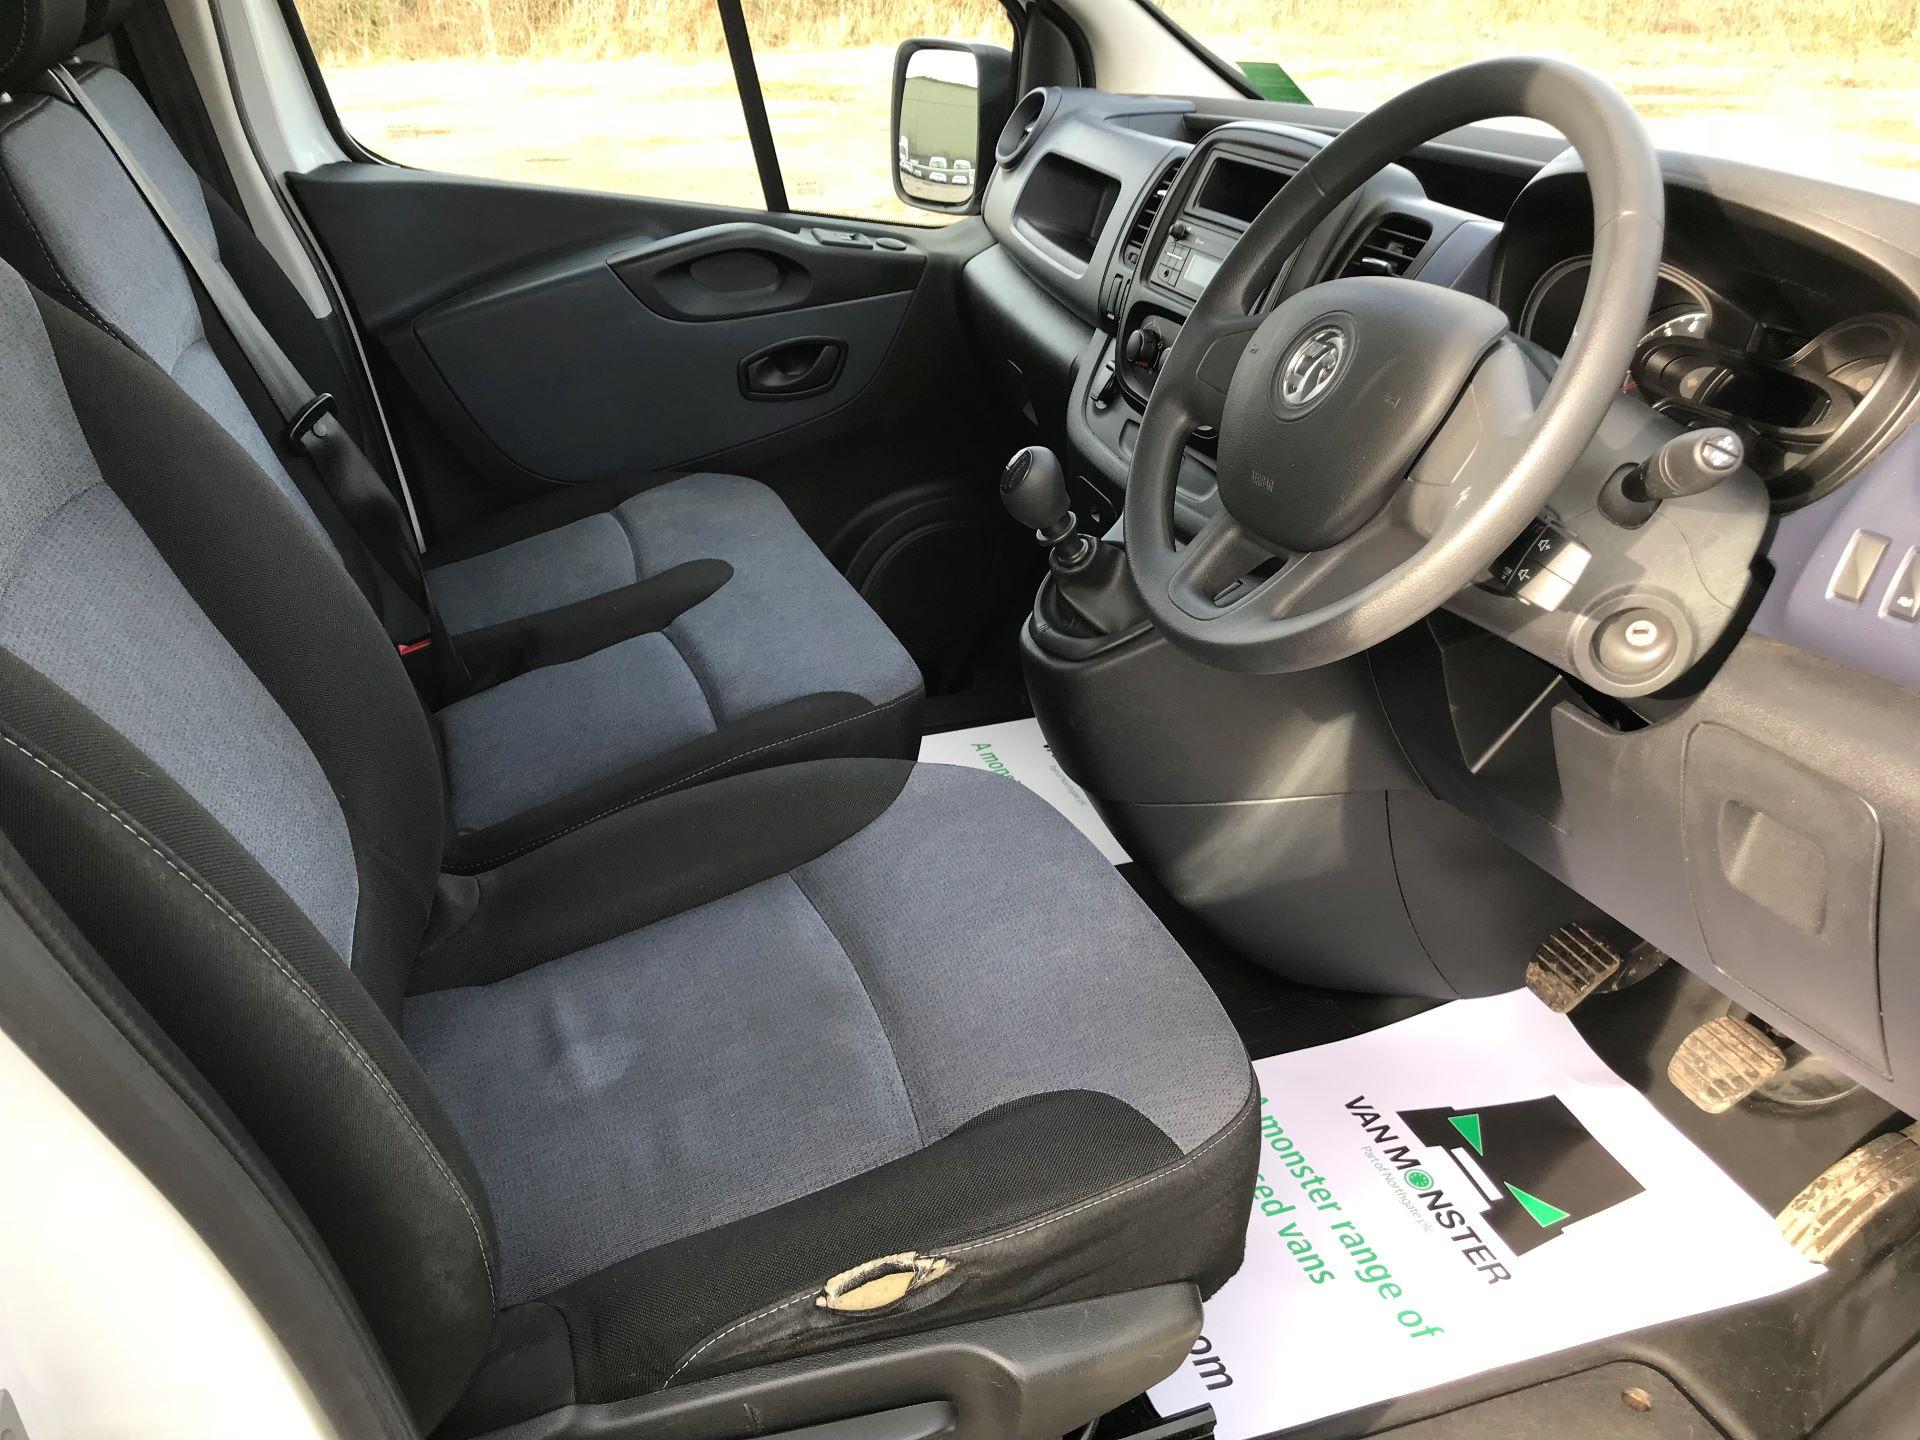 2017 Vauxhall Vivaro L2 H1 2900 1.6CDTI 120PS EURO 6 (DV67LTX) Image 22